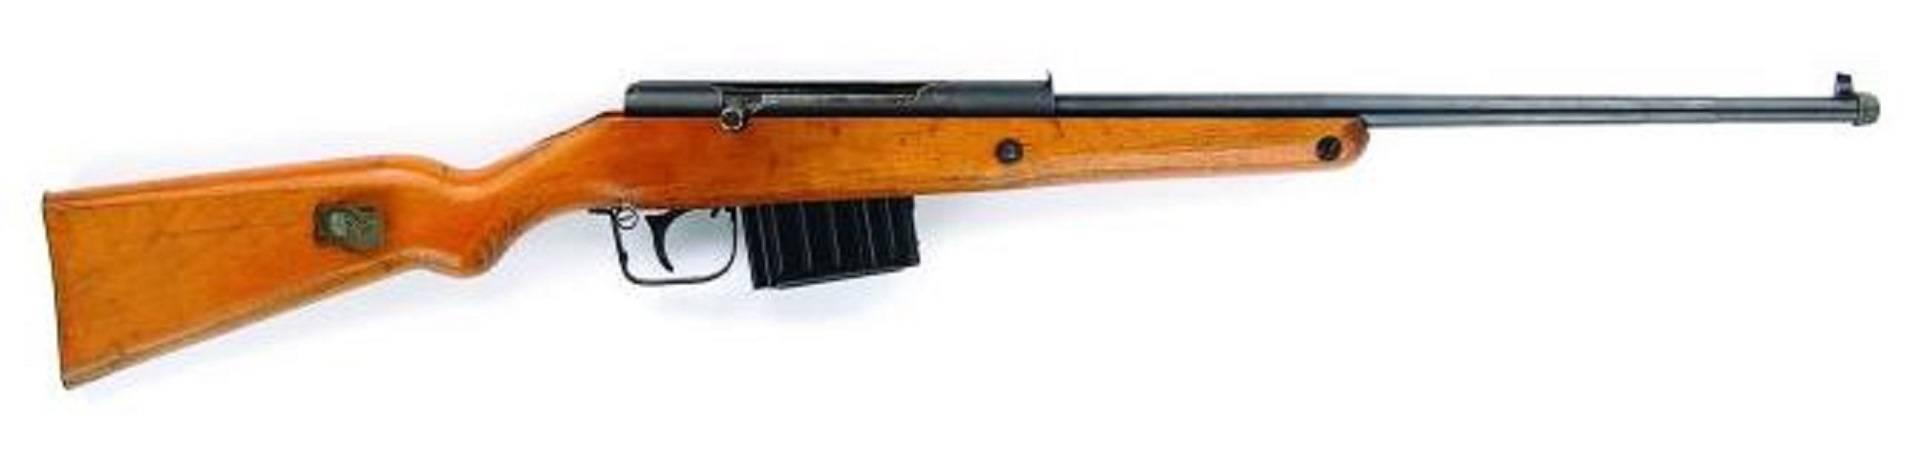 Volksturmgewehr Gustloff